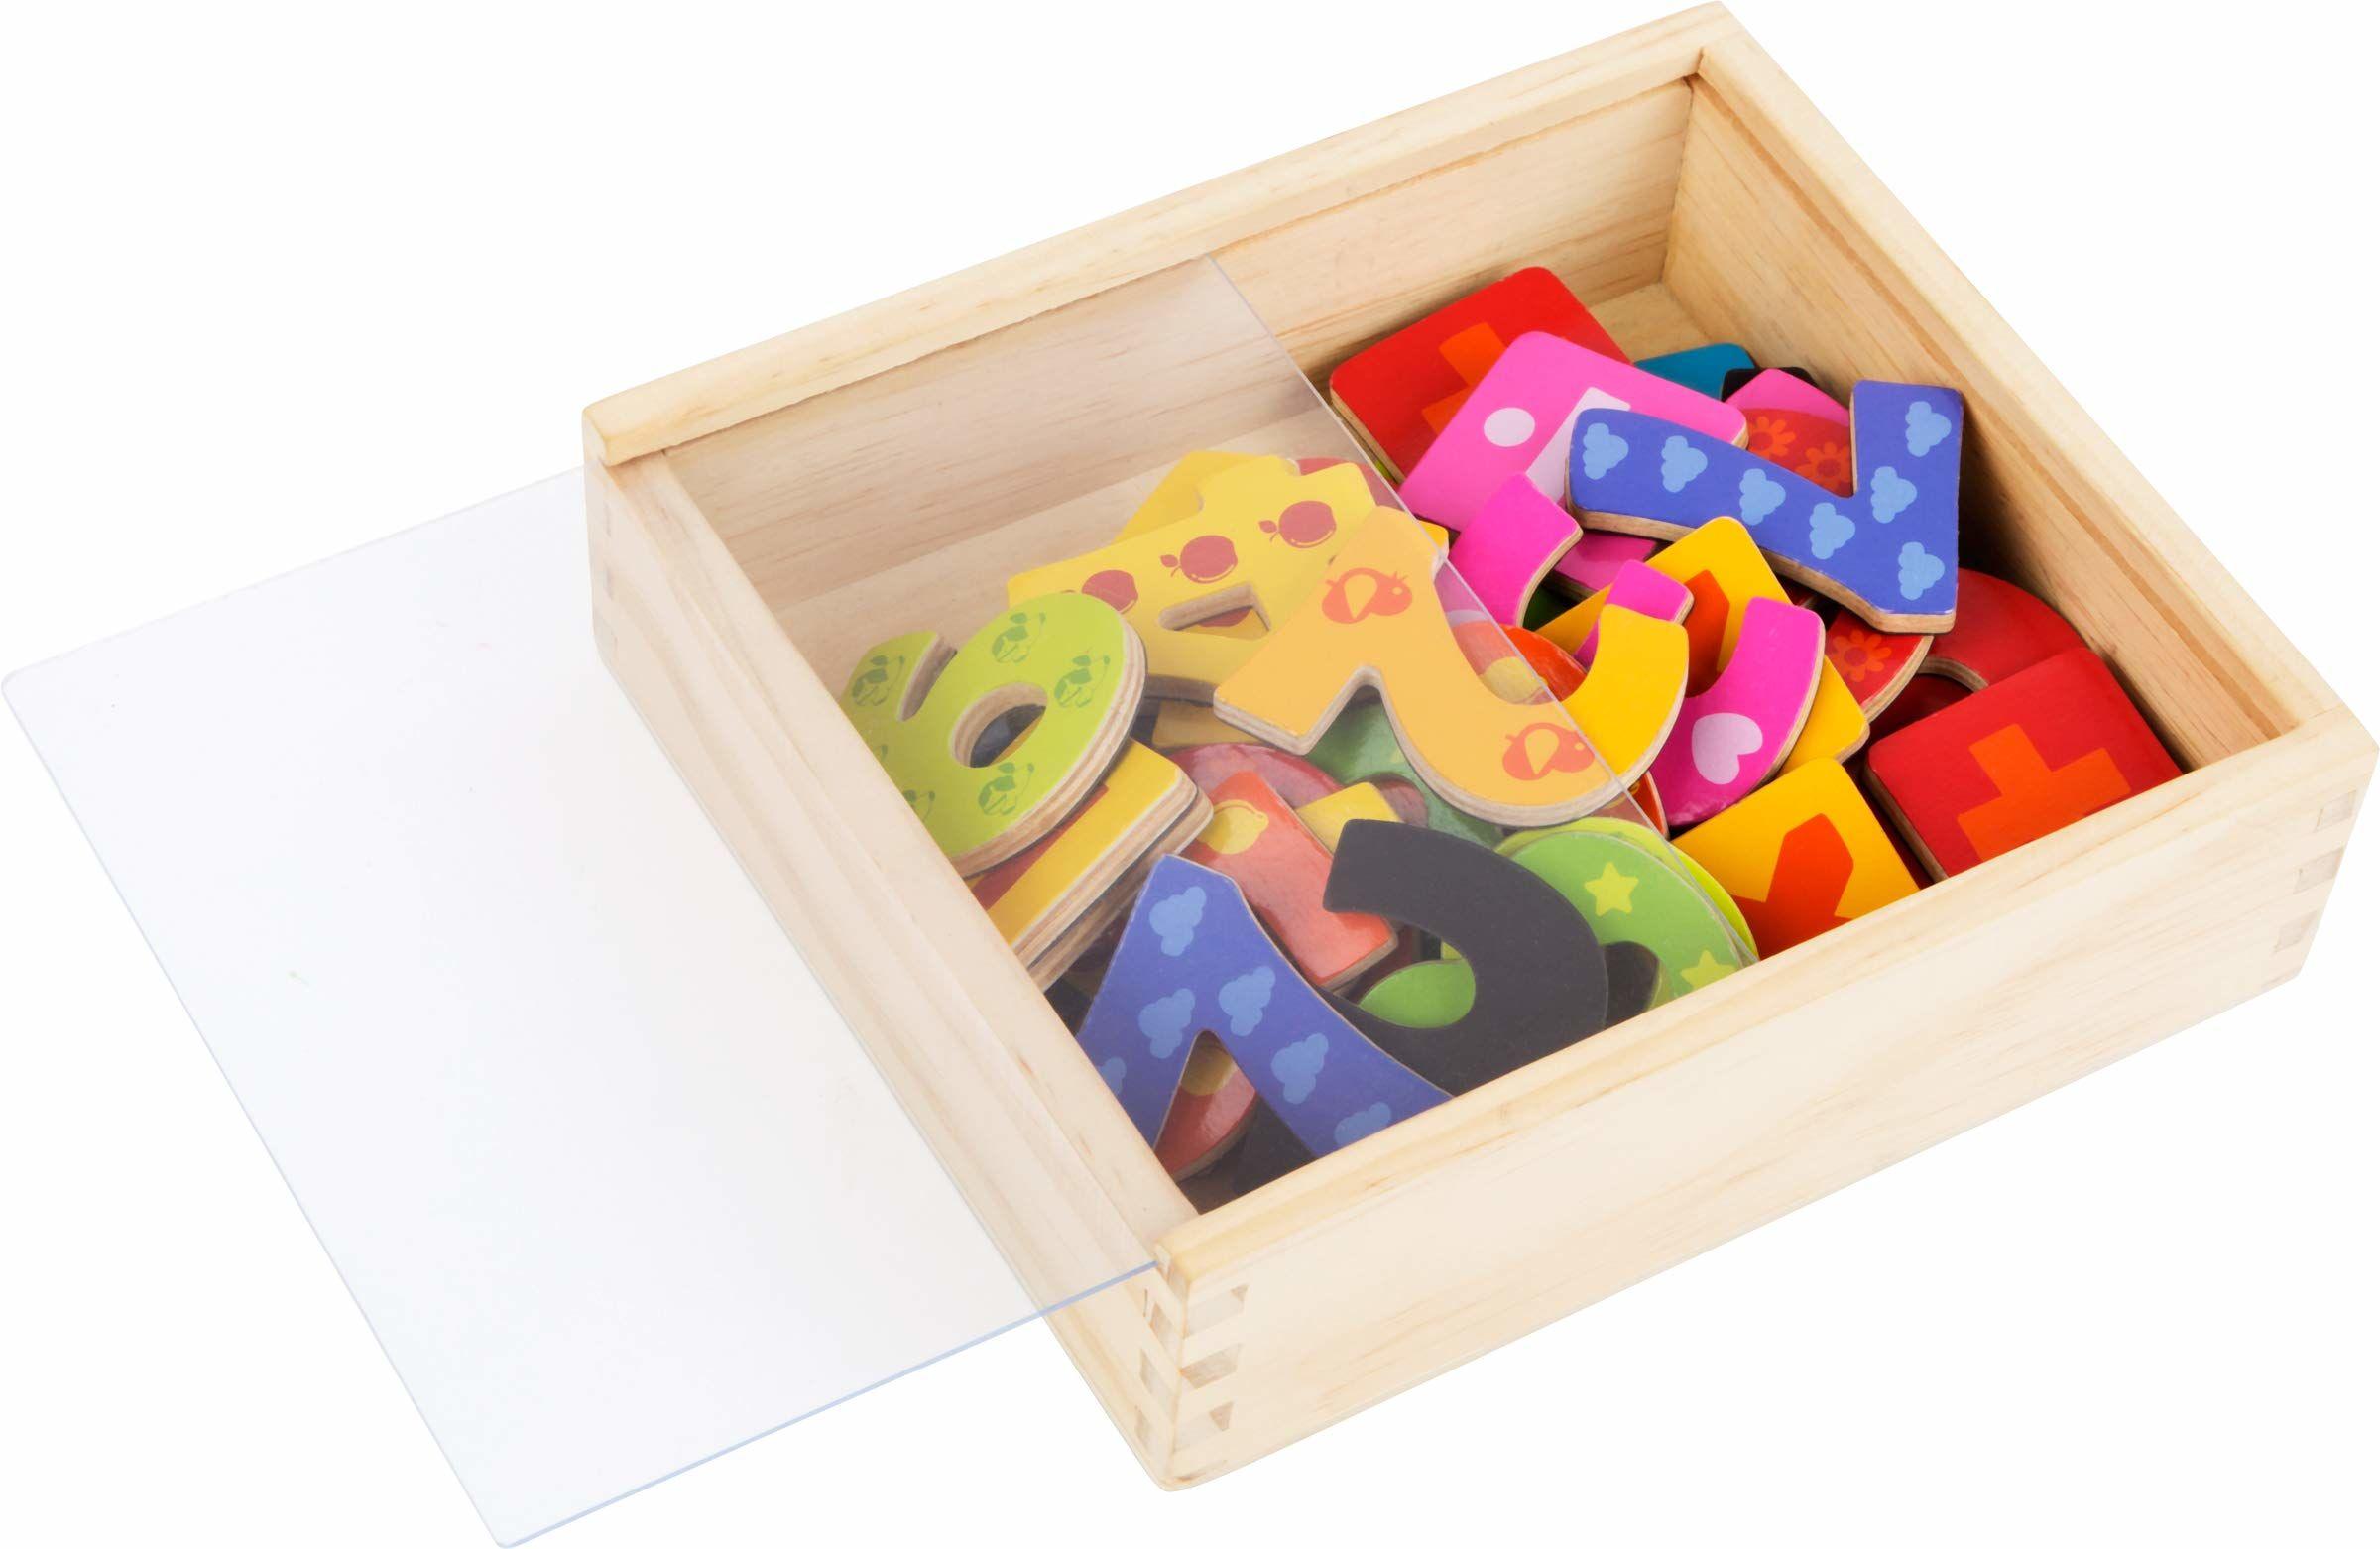 Small foot 10731 drewniana skrzynka magnetyczna, 40 cyfr od 0 do 9 w kolorowych wzorach, do nauki matemienia i pobudzania zrozumienia liczb